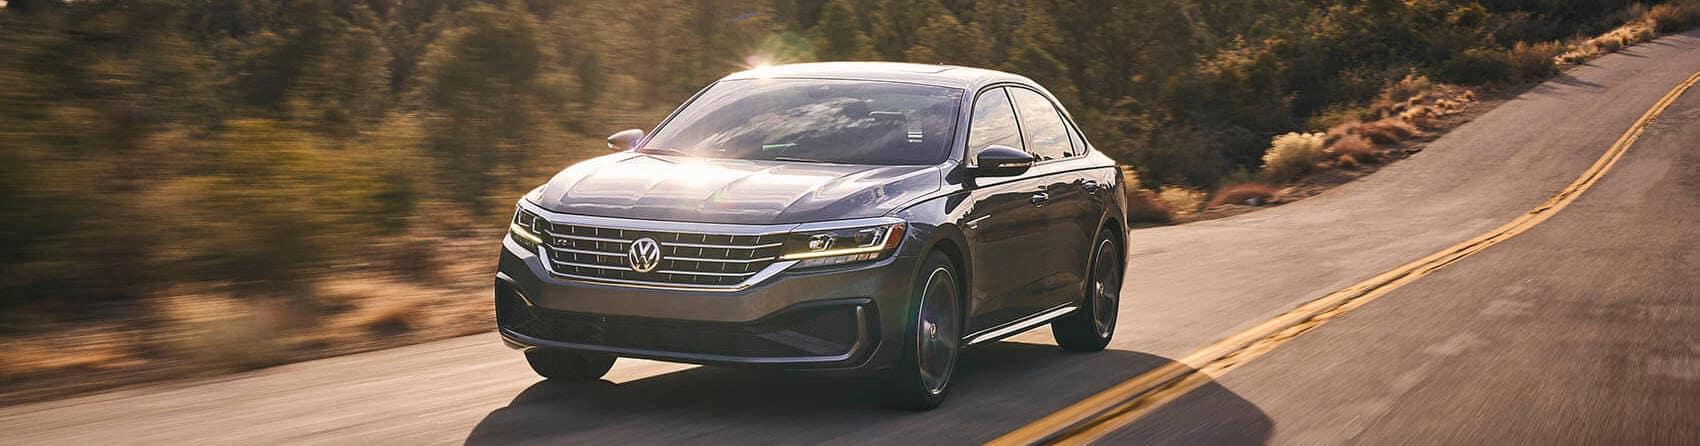 Does the Volkswagen Require Premium Gas? | McDonald VW